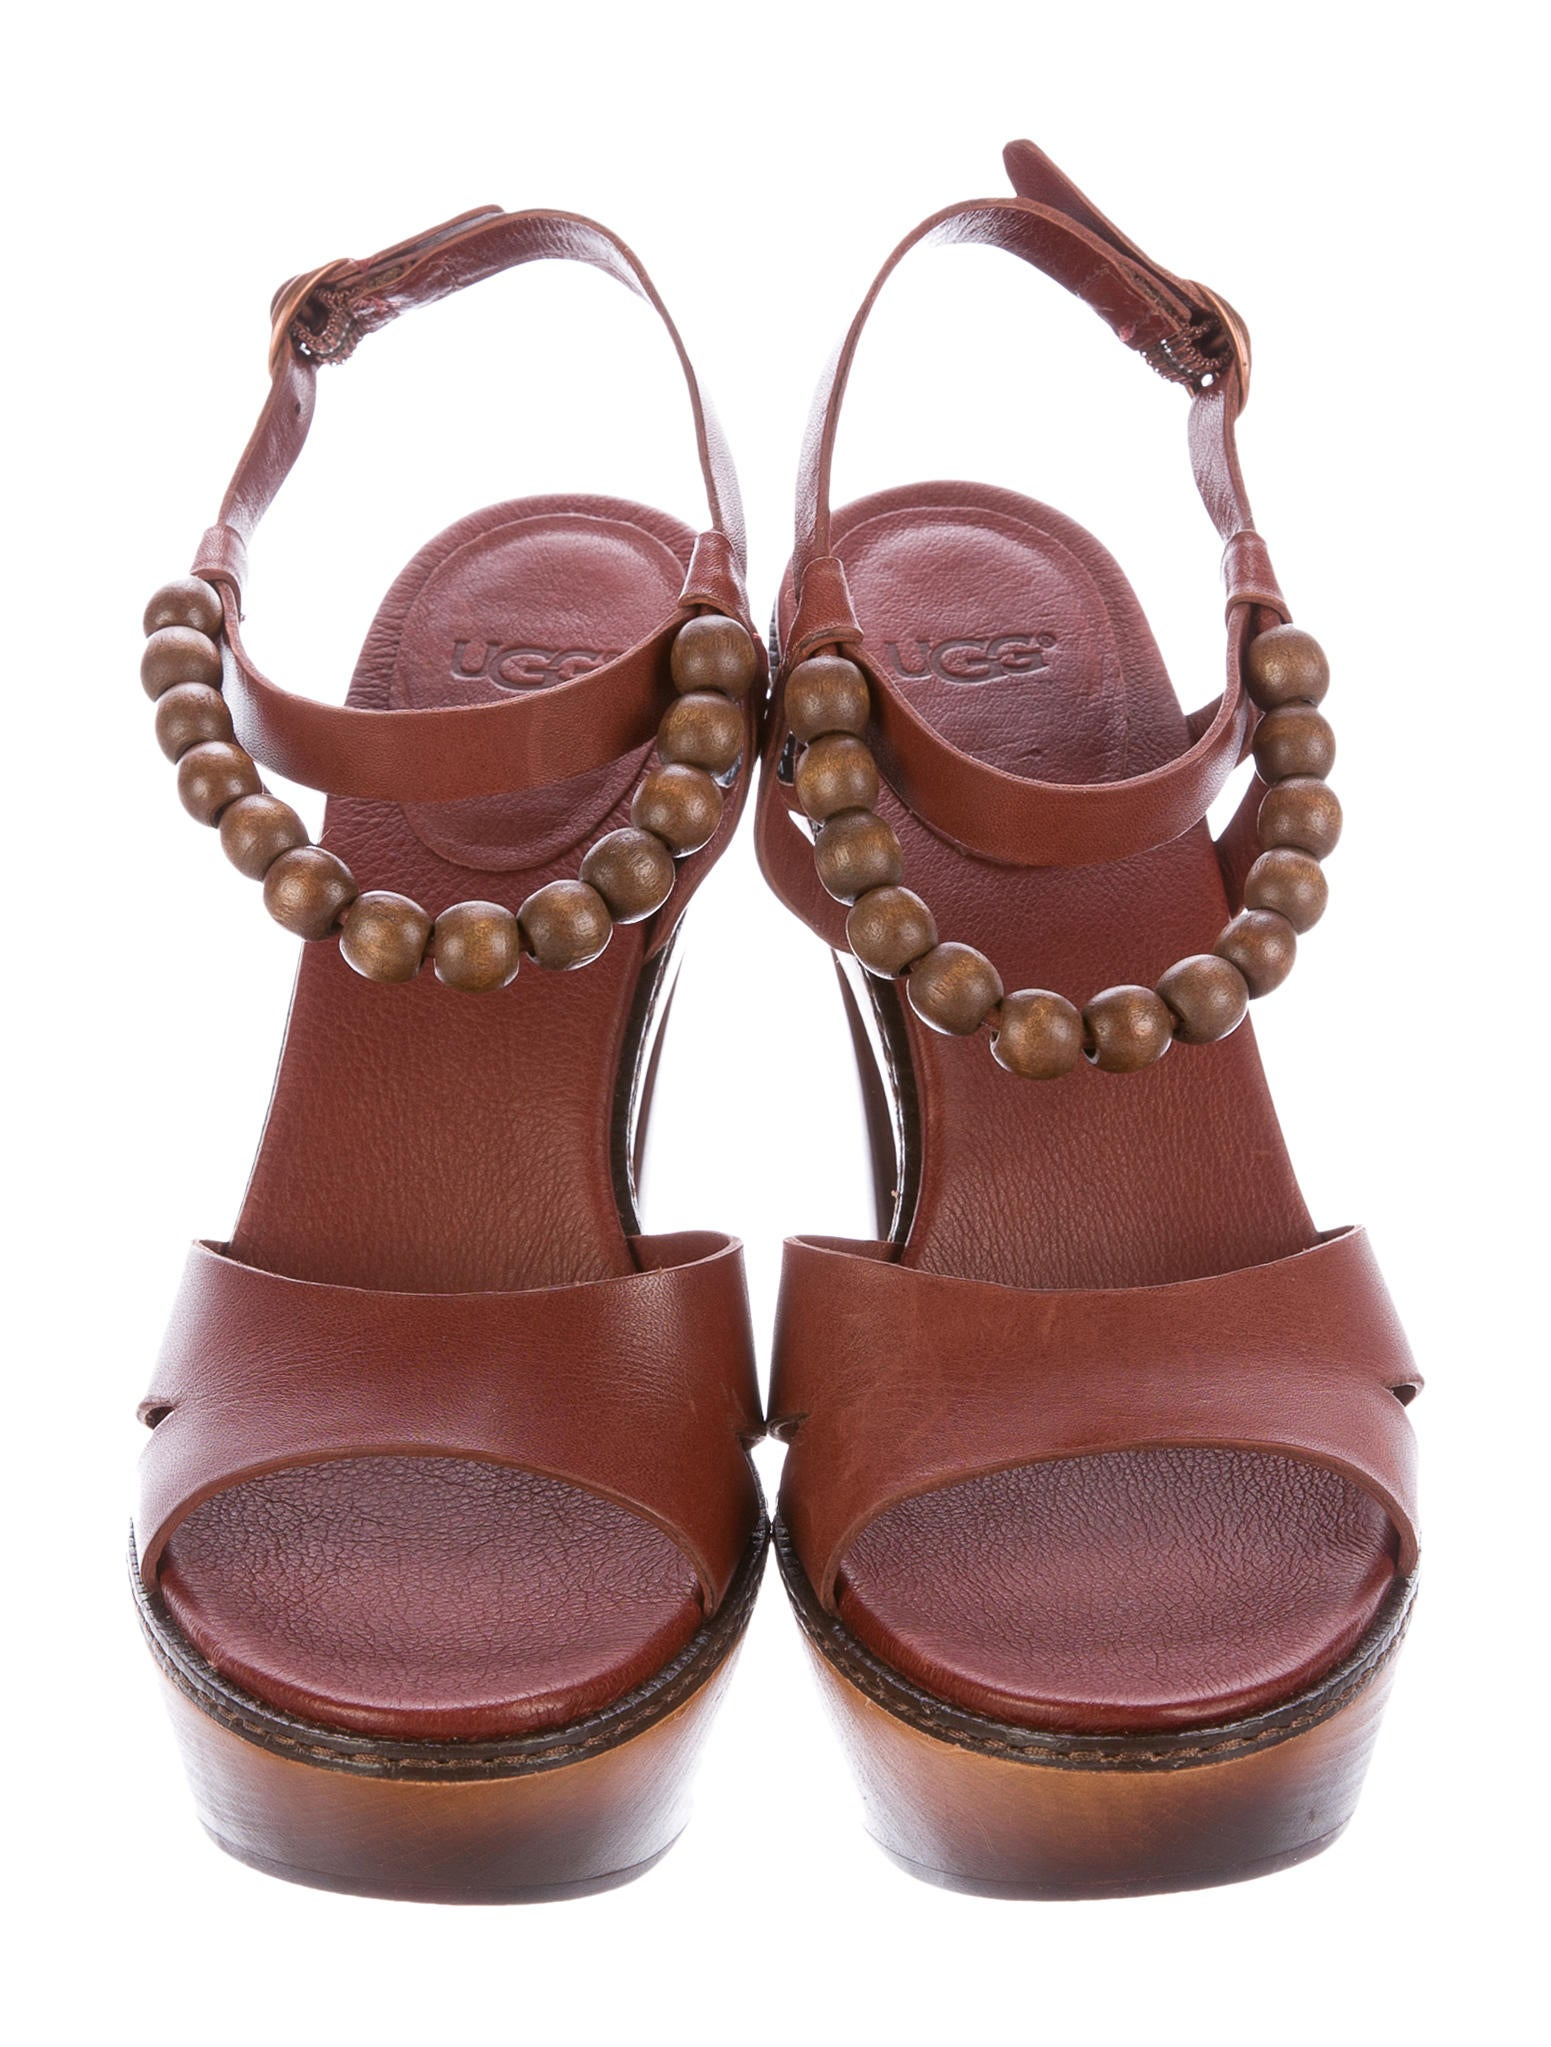 621db6905f14 Ugg Platform Sandals Sale